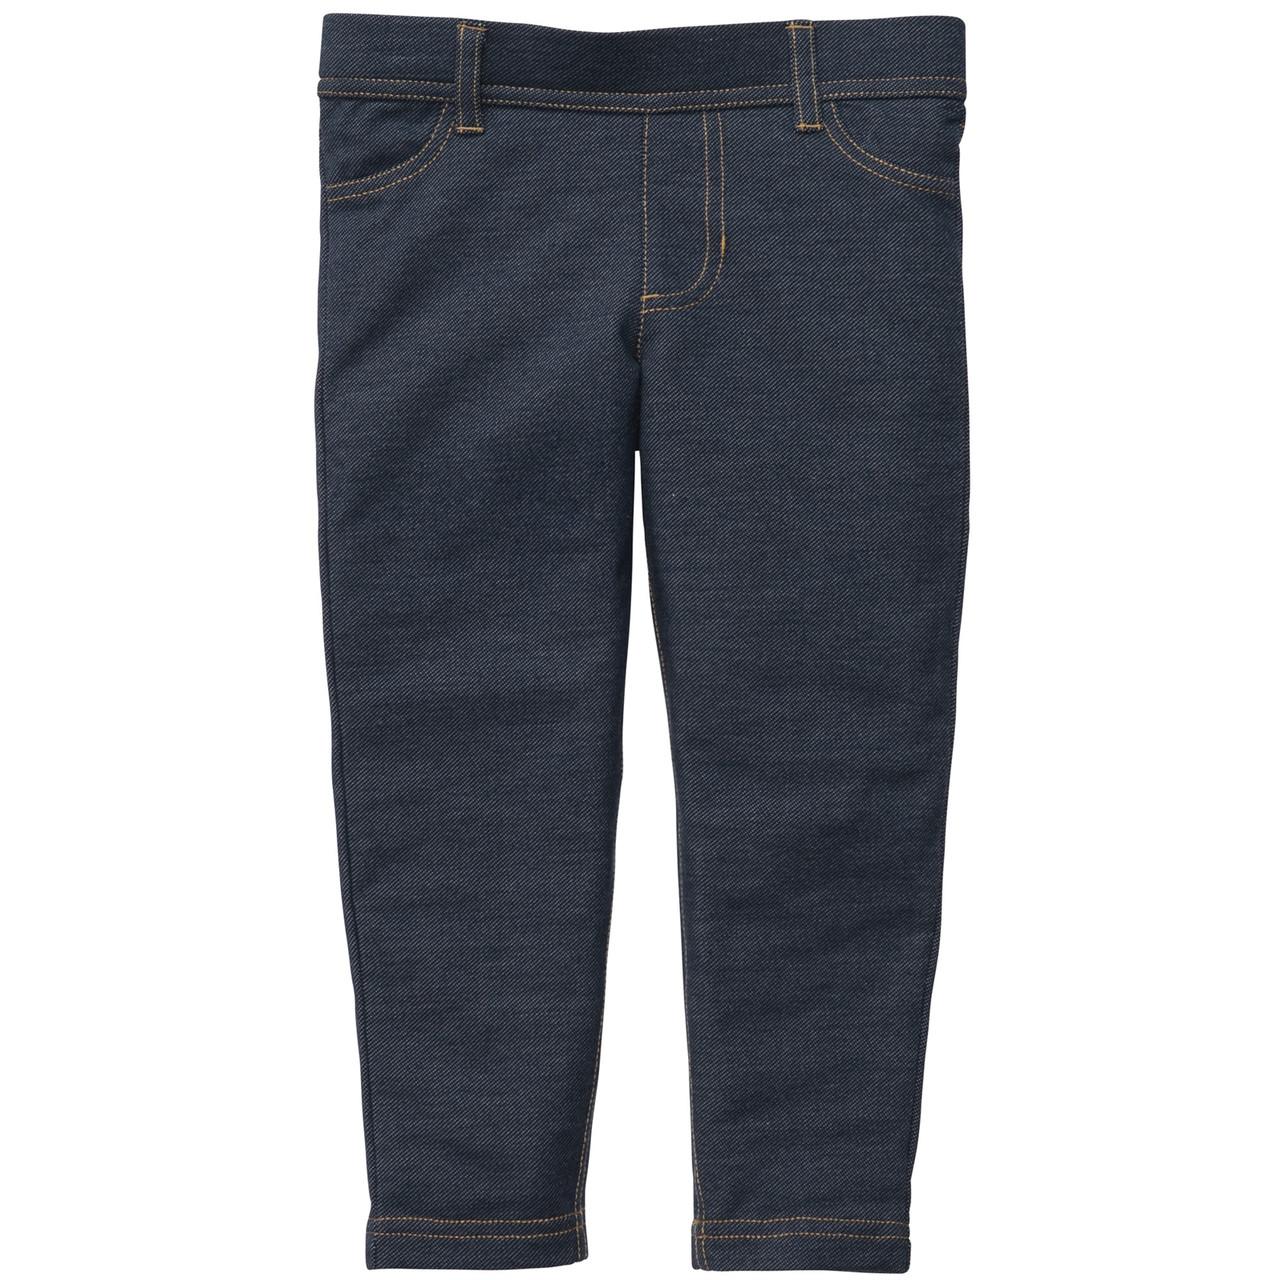 Модные джеггинсы (Размер 4Т) Carters (США)